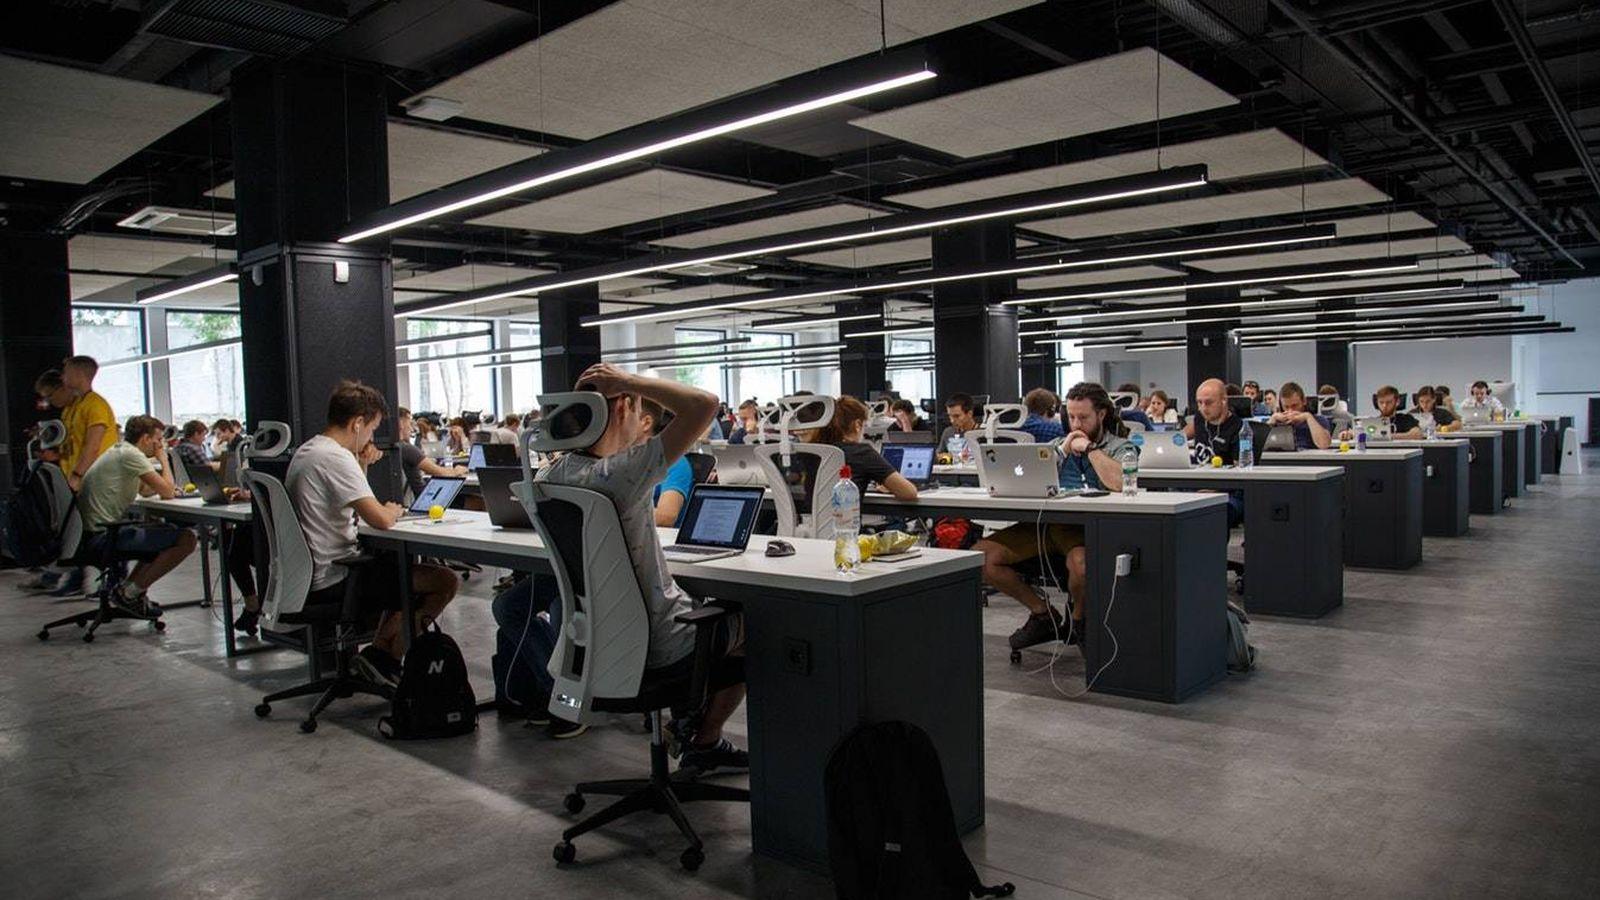 Foto: Competición de programadores. (Unsplash)